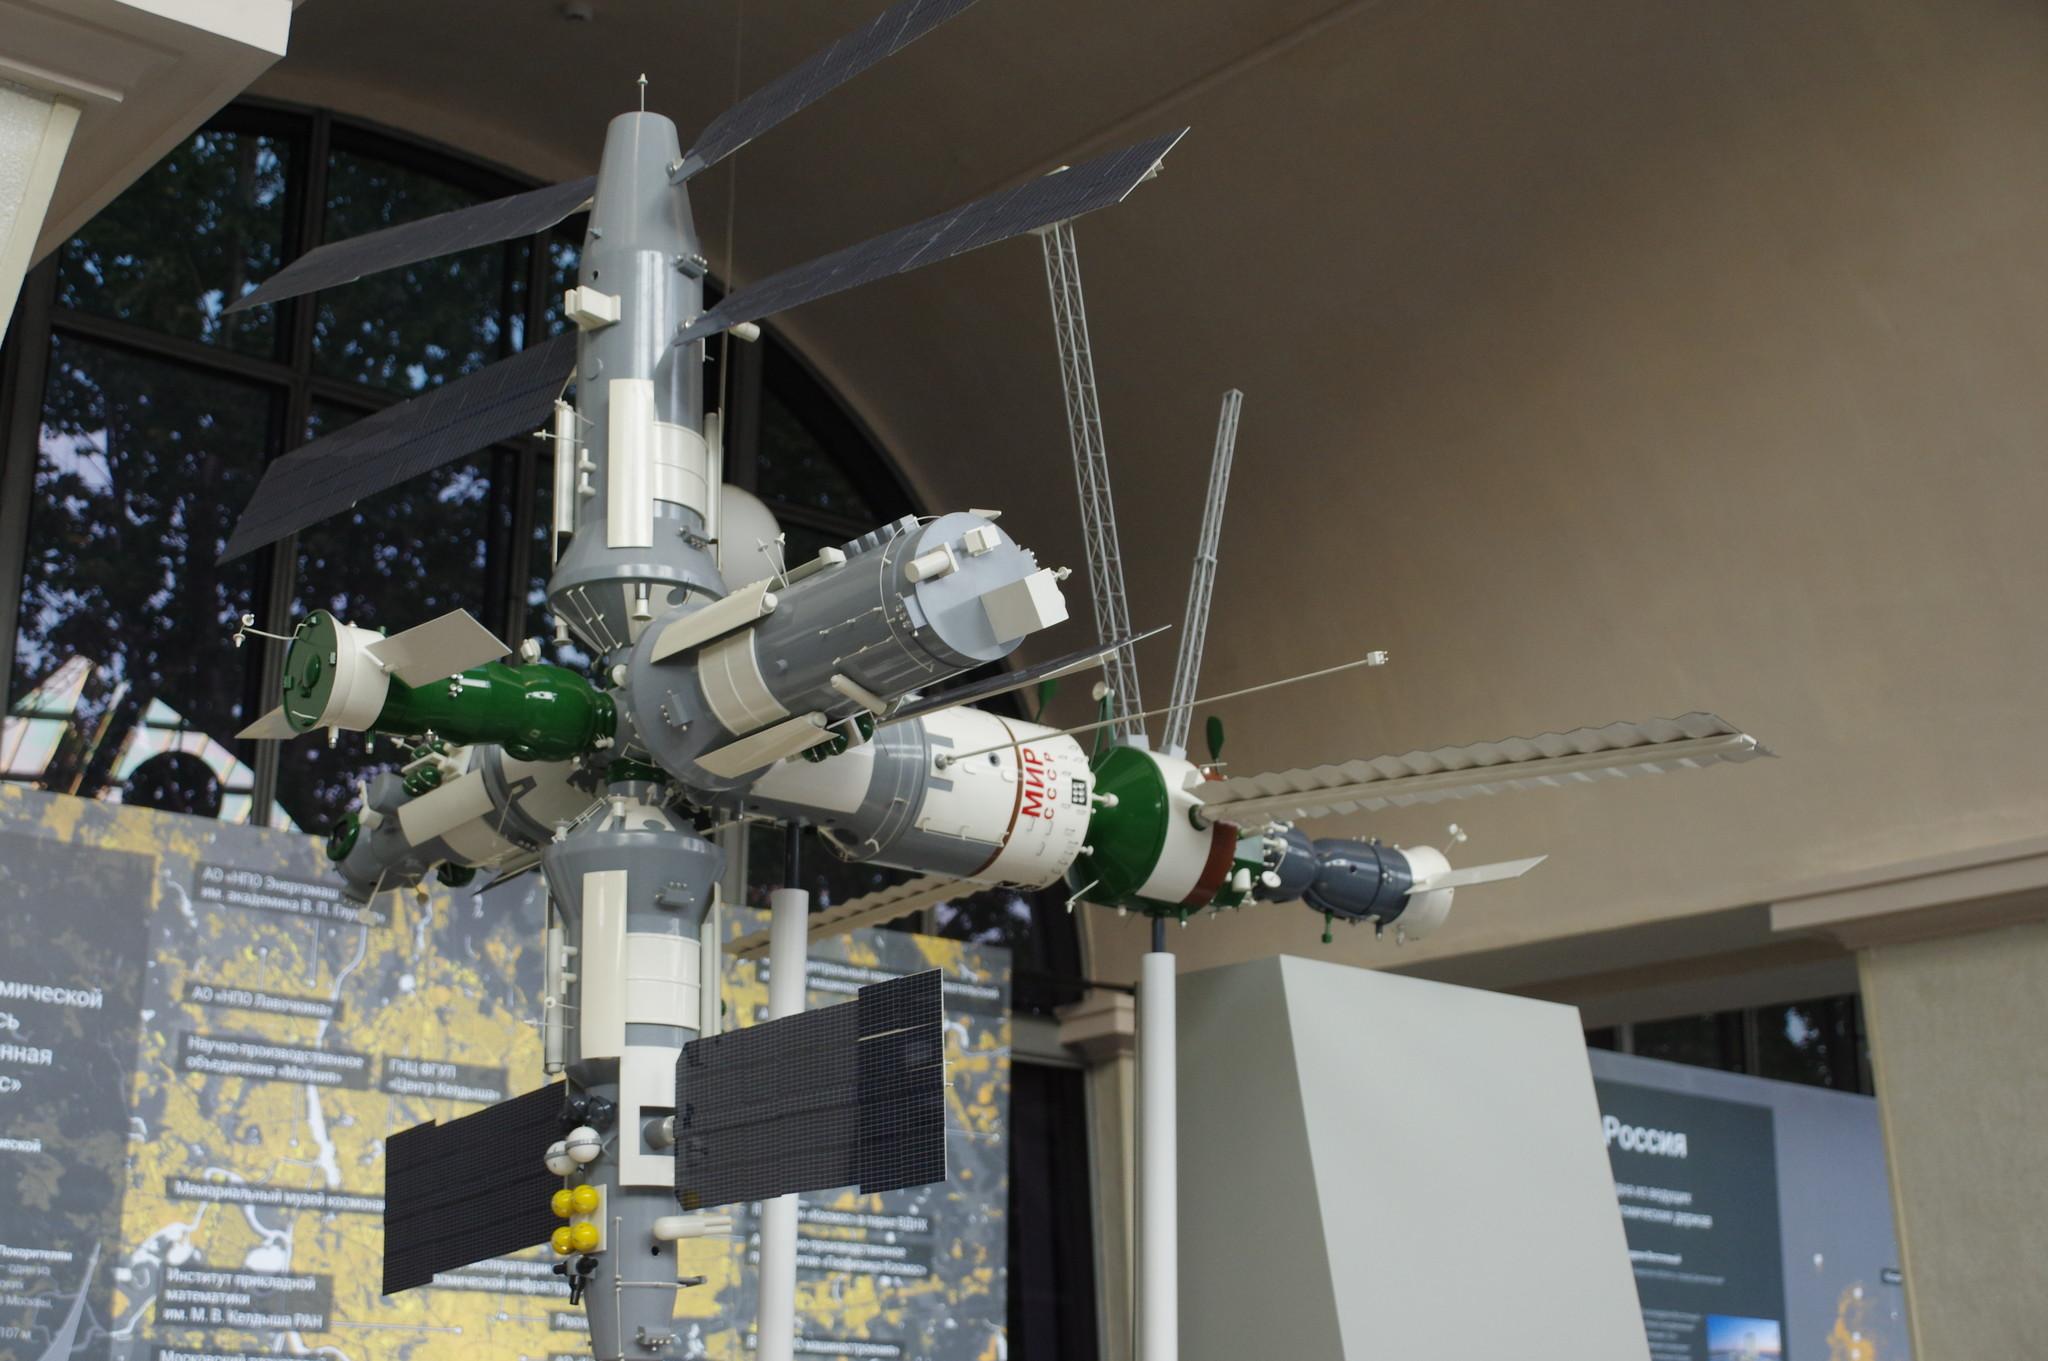 Пилотируемая научно-исследовательская орбитальная станция «Мир». Макет. Центр «Космонавтика и авиация» на ВДНХ